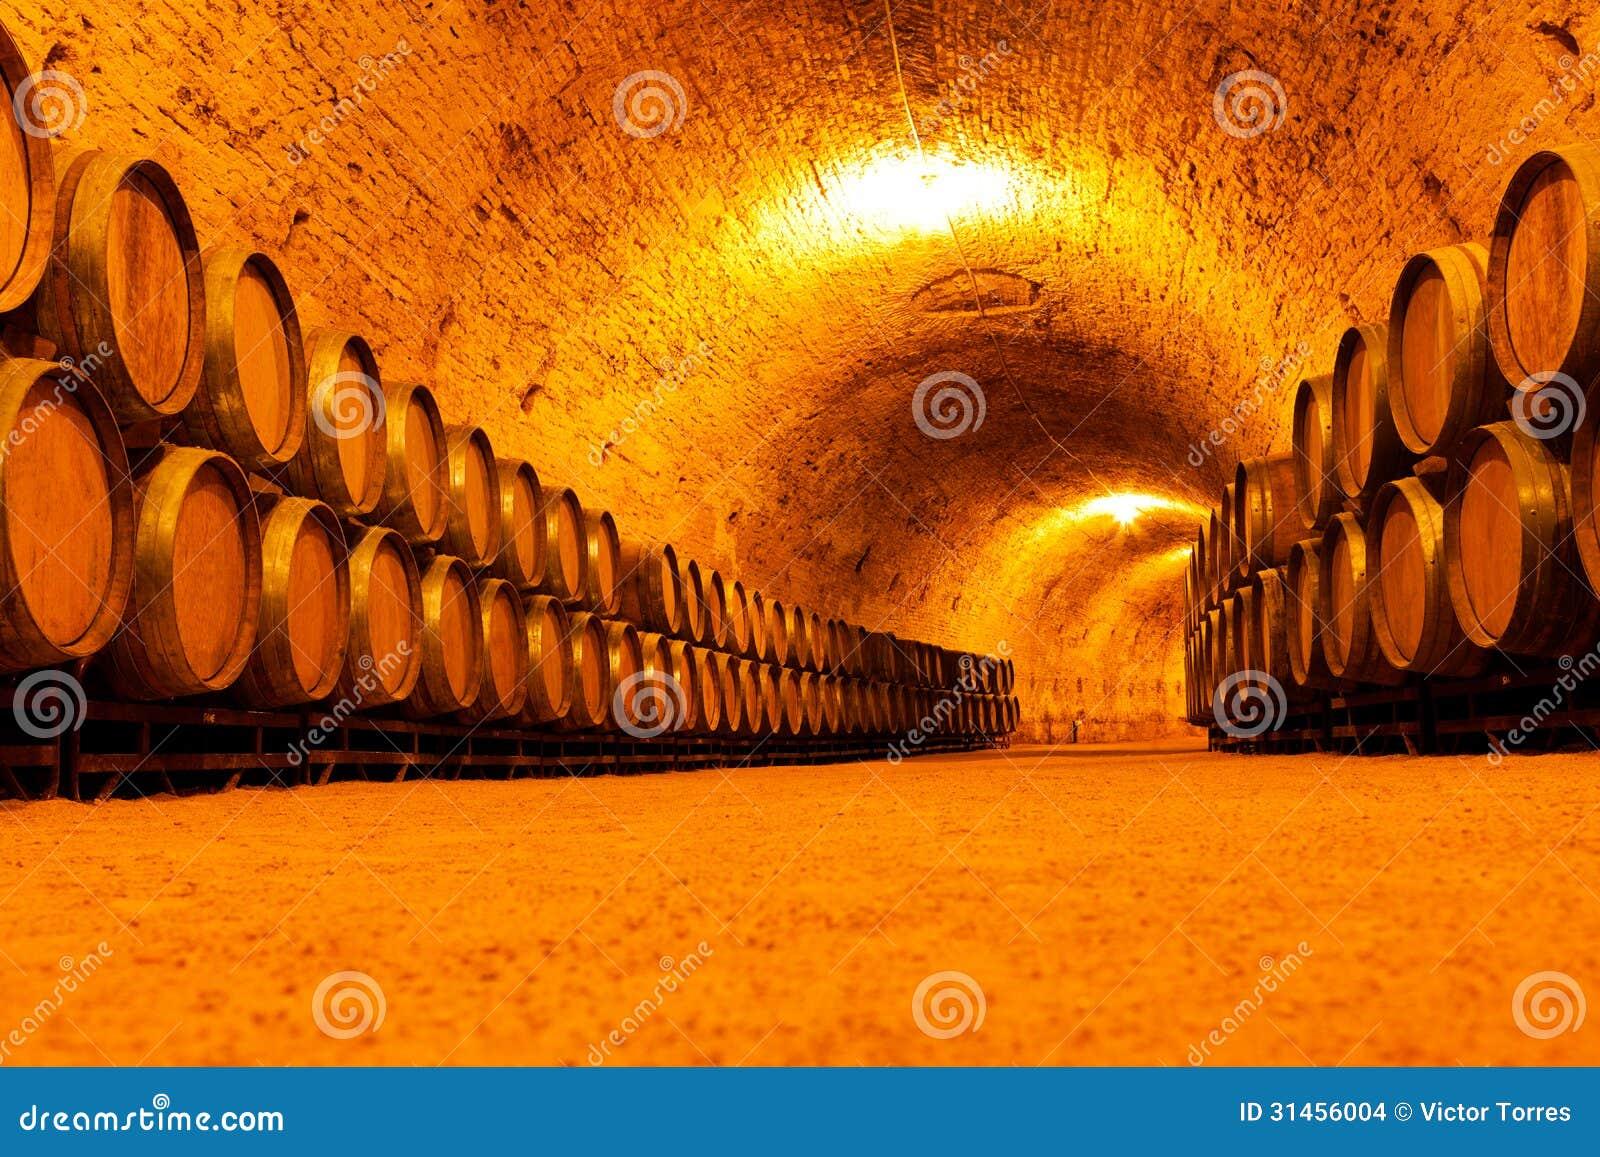 Antique Wine Cellar